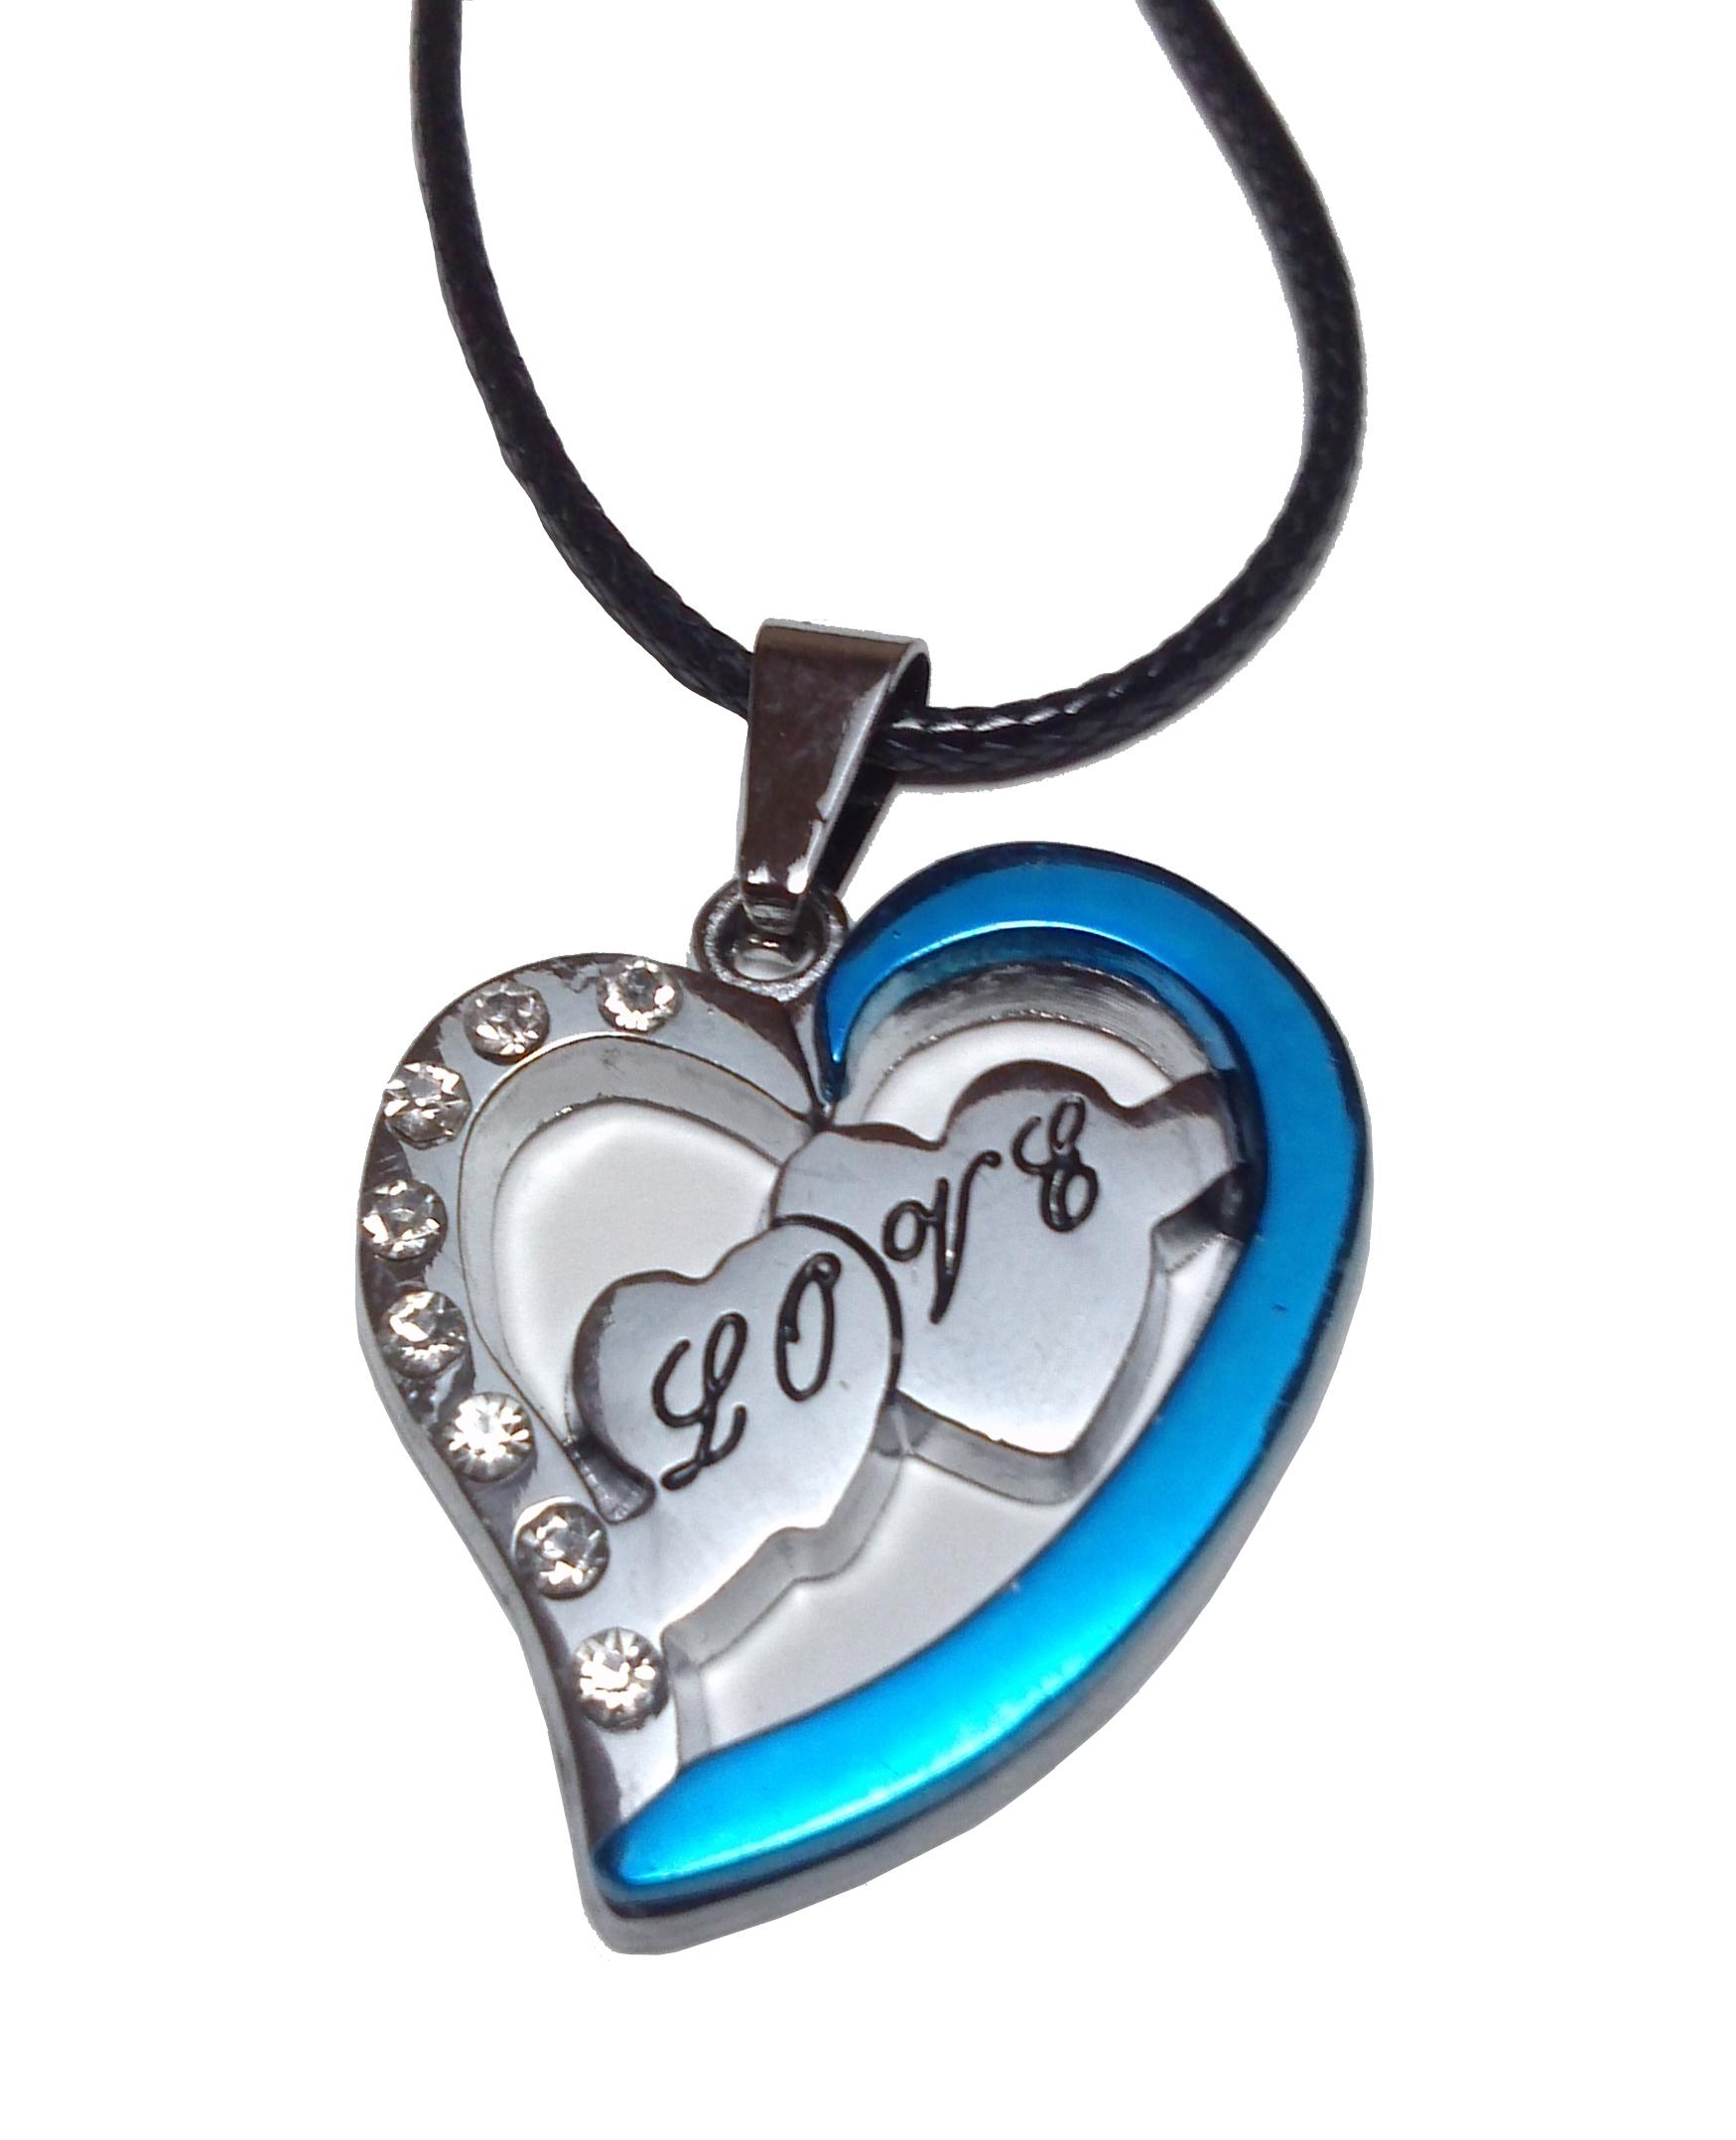 Collier Pendentif Acier Inoxydable Coeur Bleu Cubic Zirconia